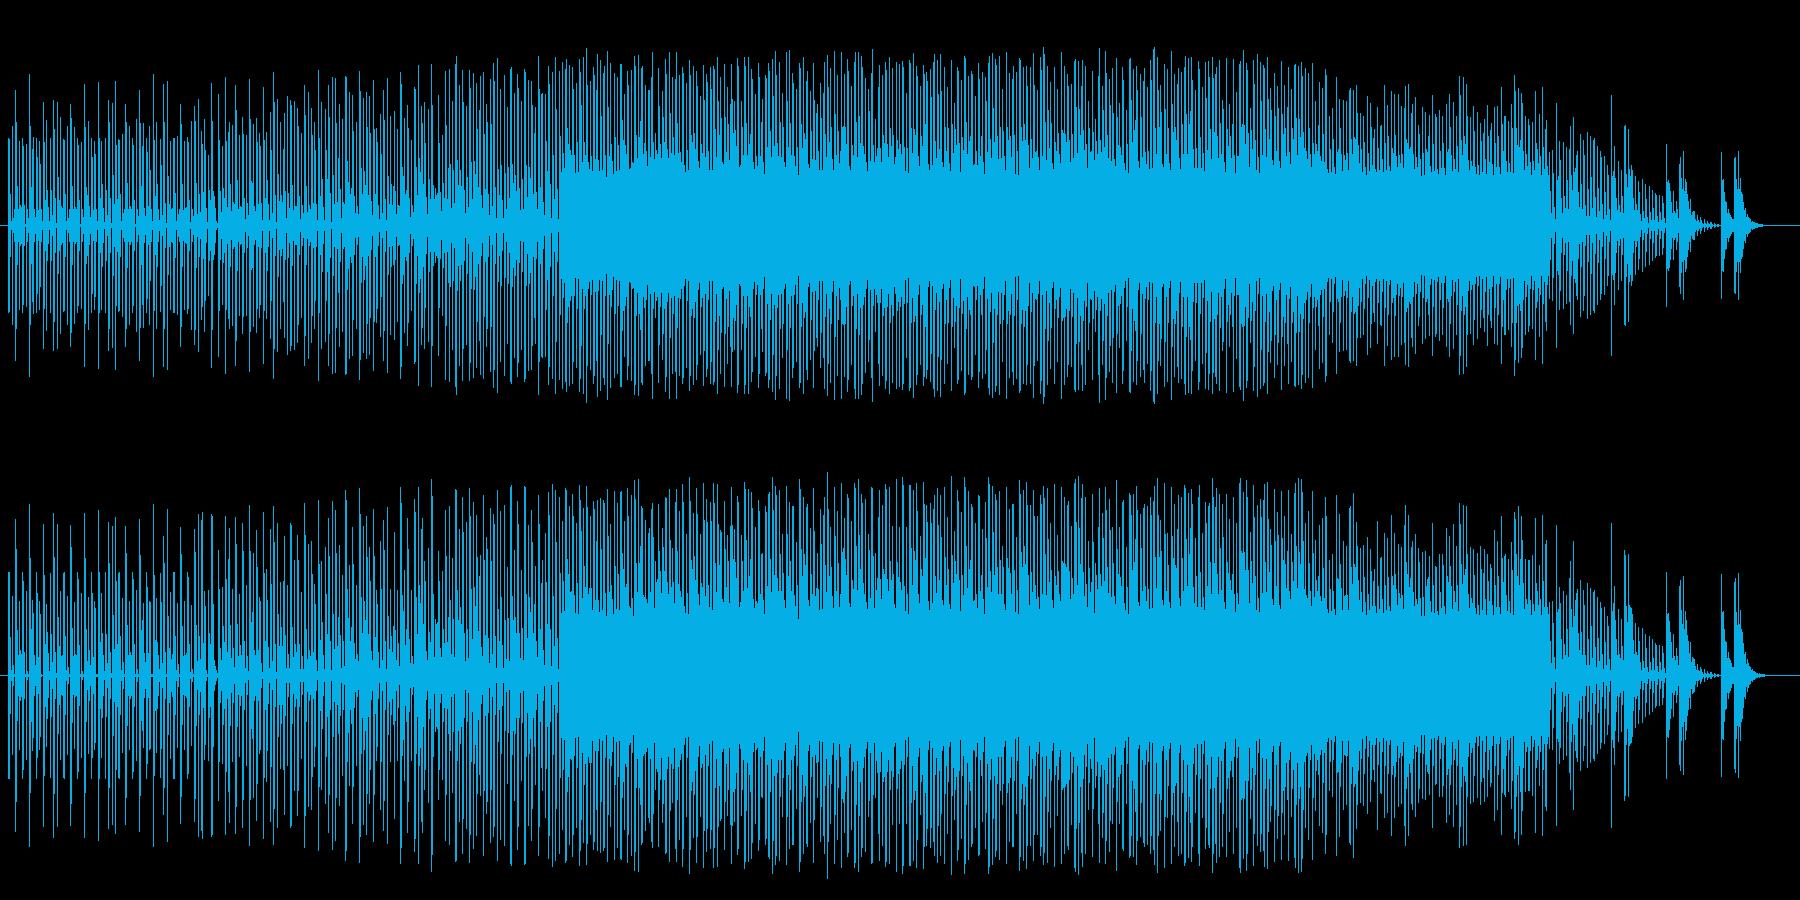 徐々に盛り上がるチップチューンの再生済みの波形